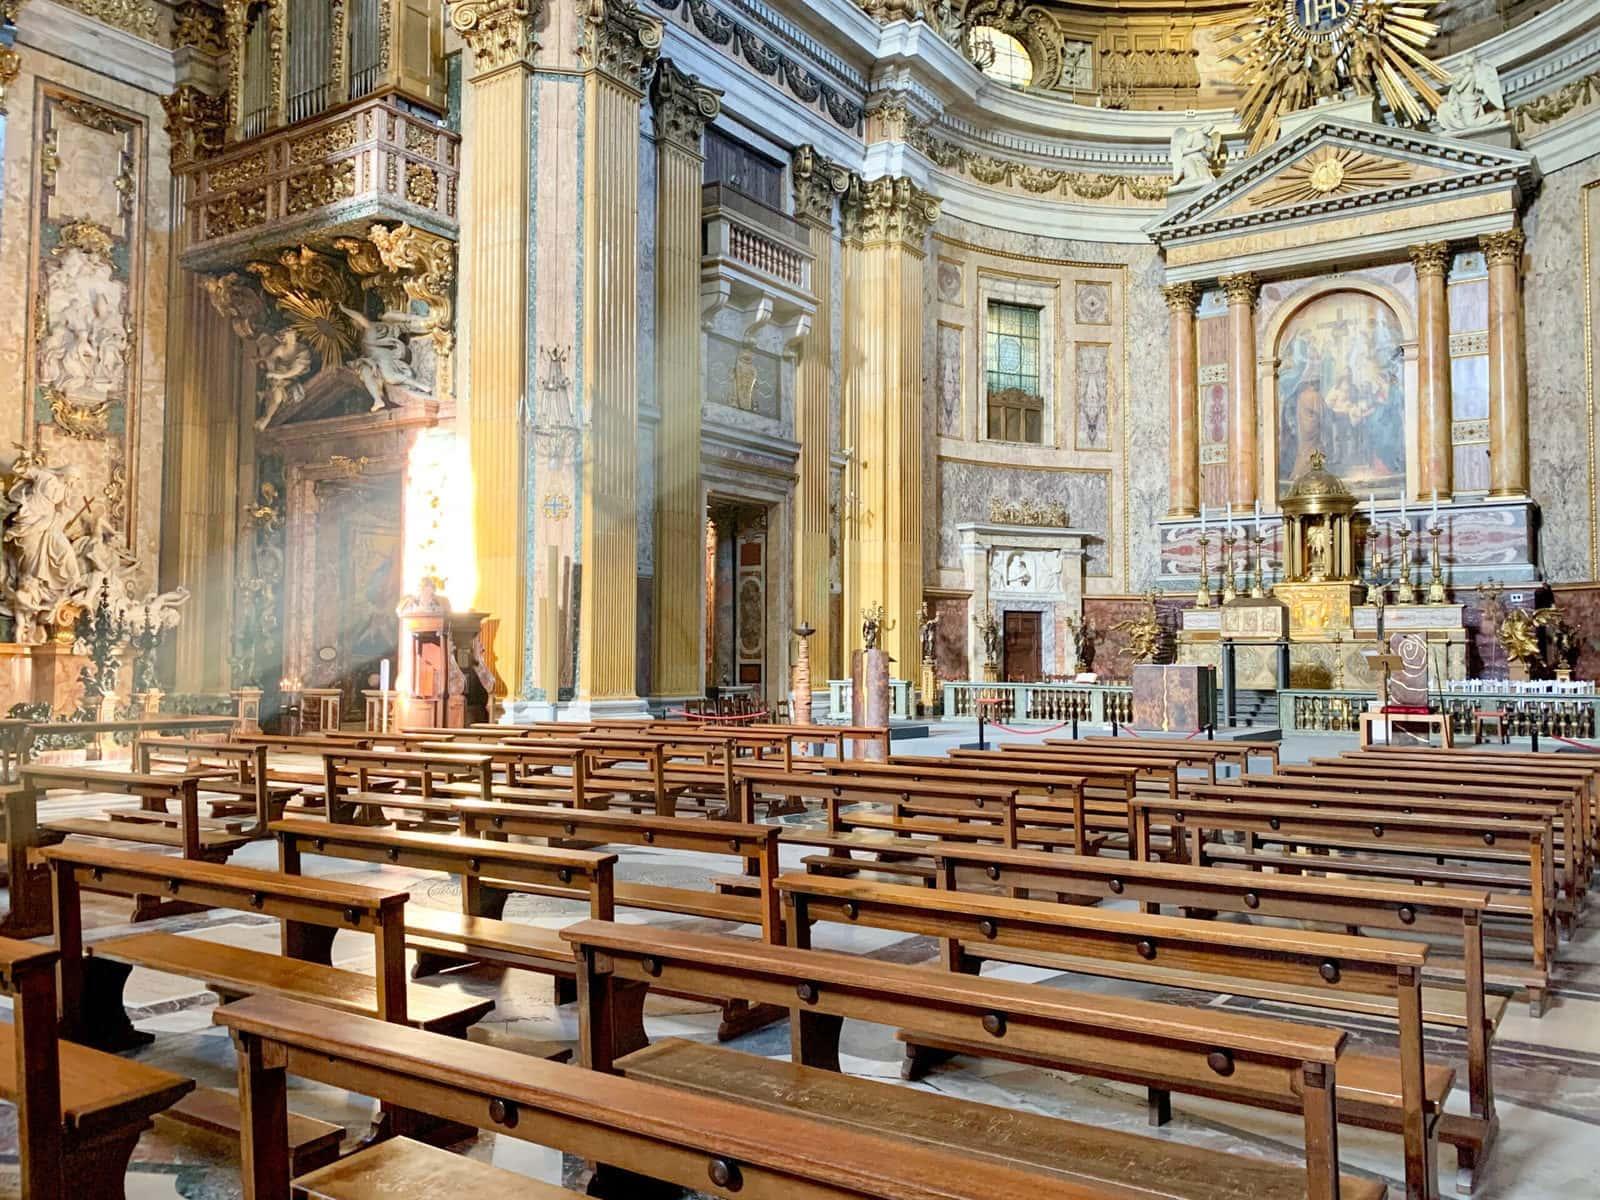 Il Gesù, Blick auf die Bernini Büste links neben dem Hauptaltar, Rom